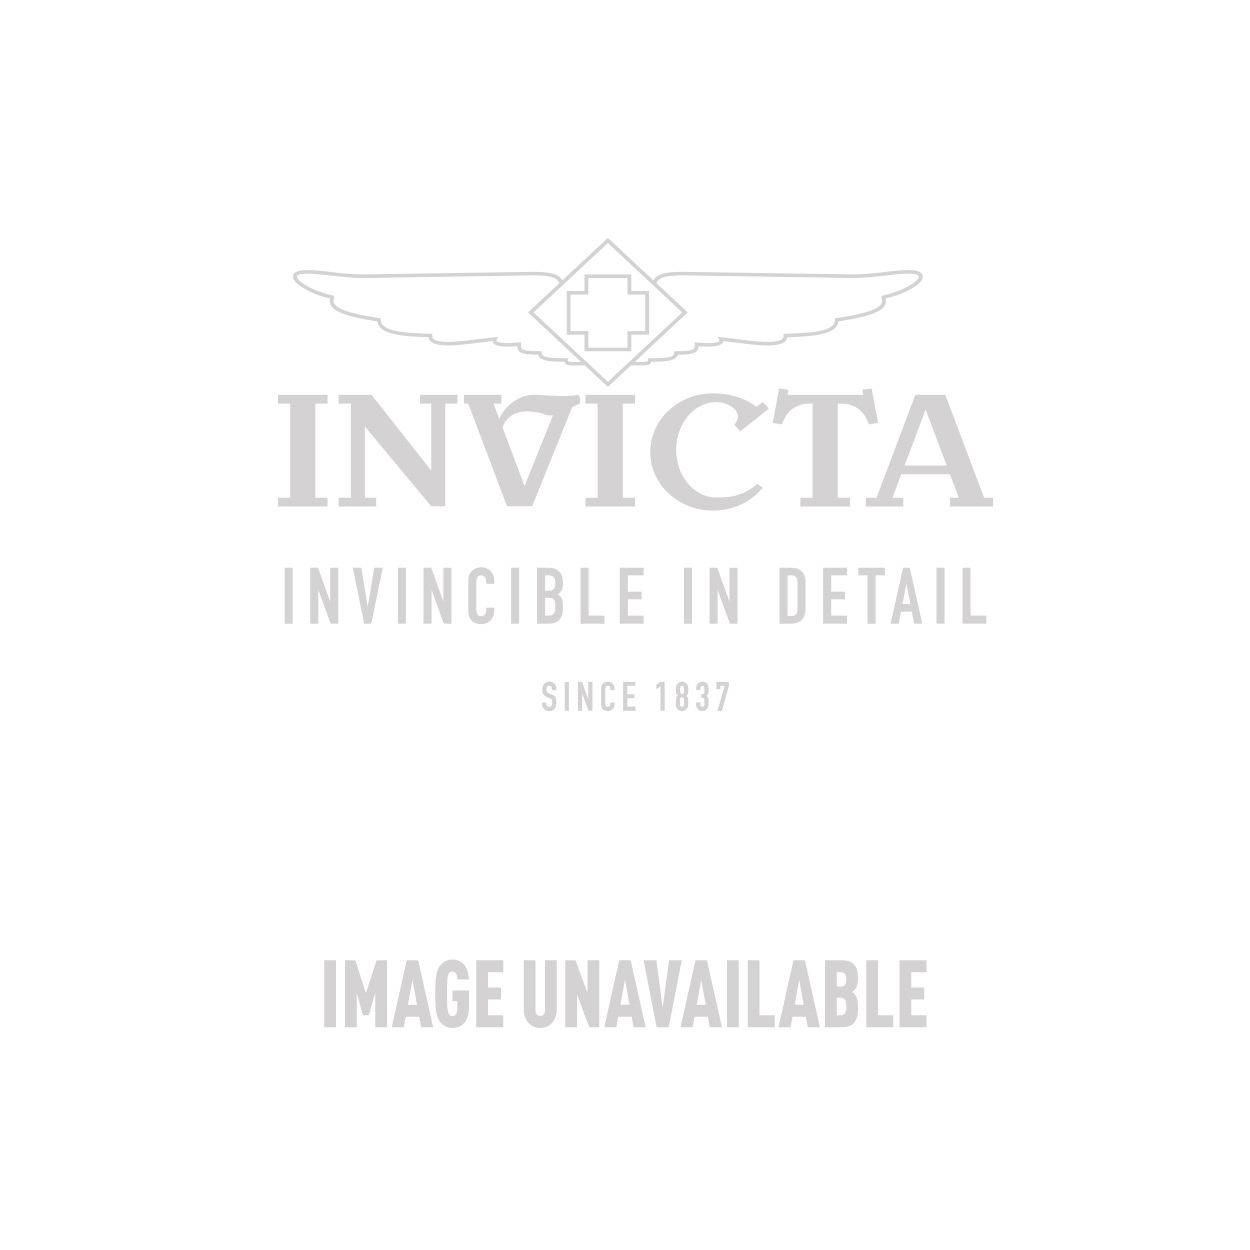 Invicta Model 28975